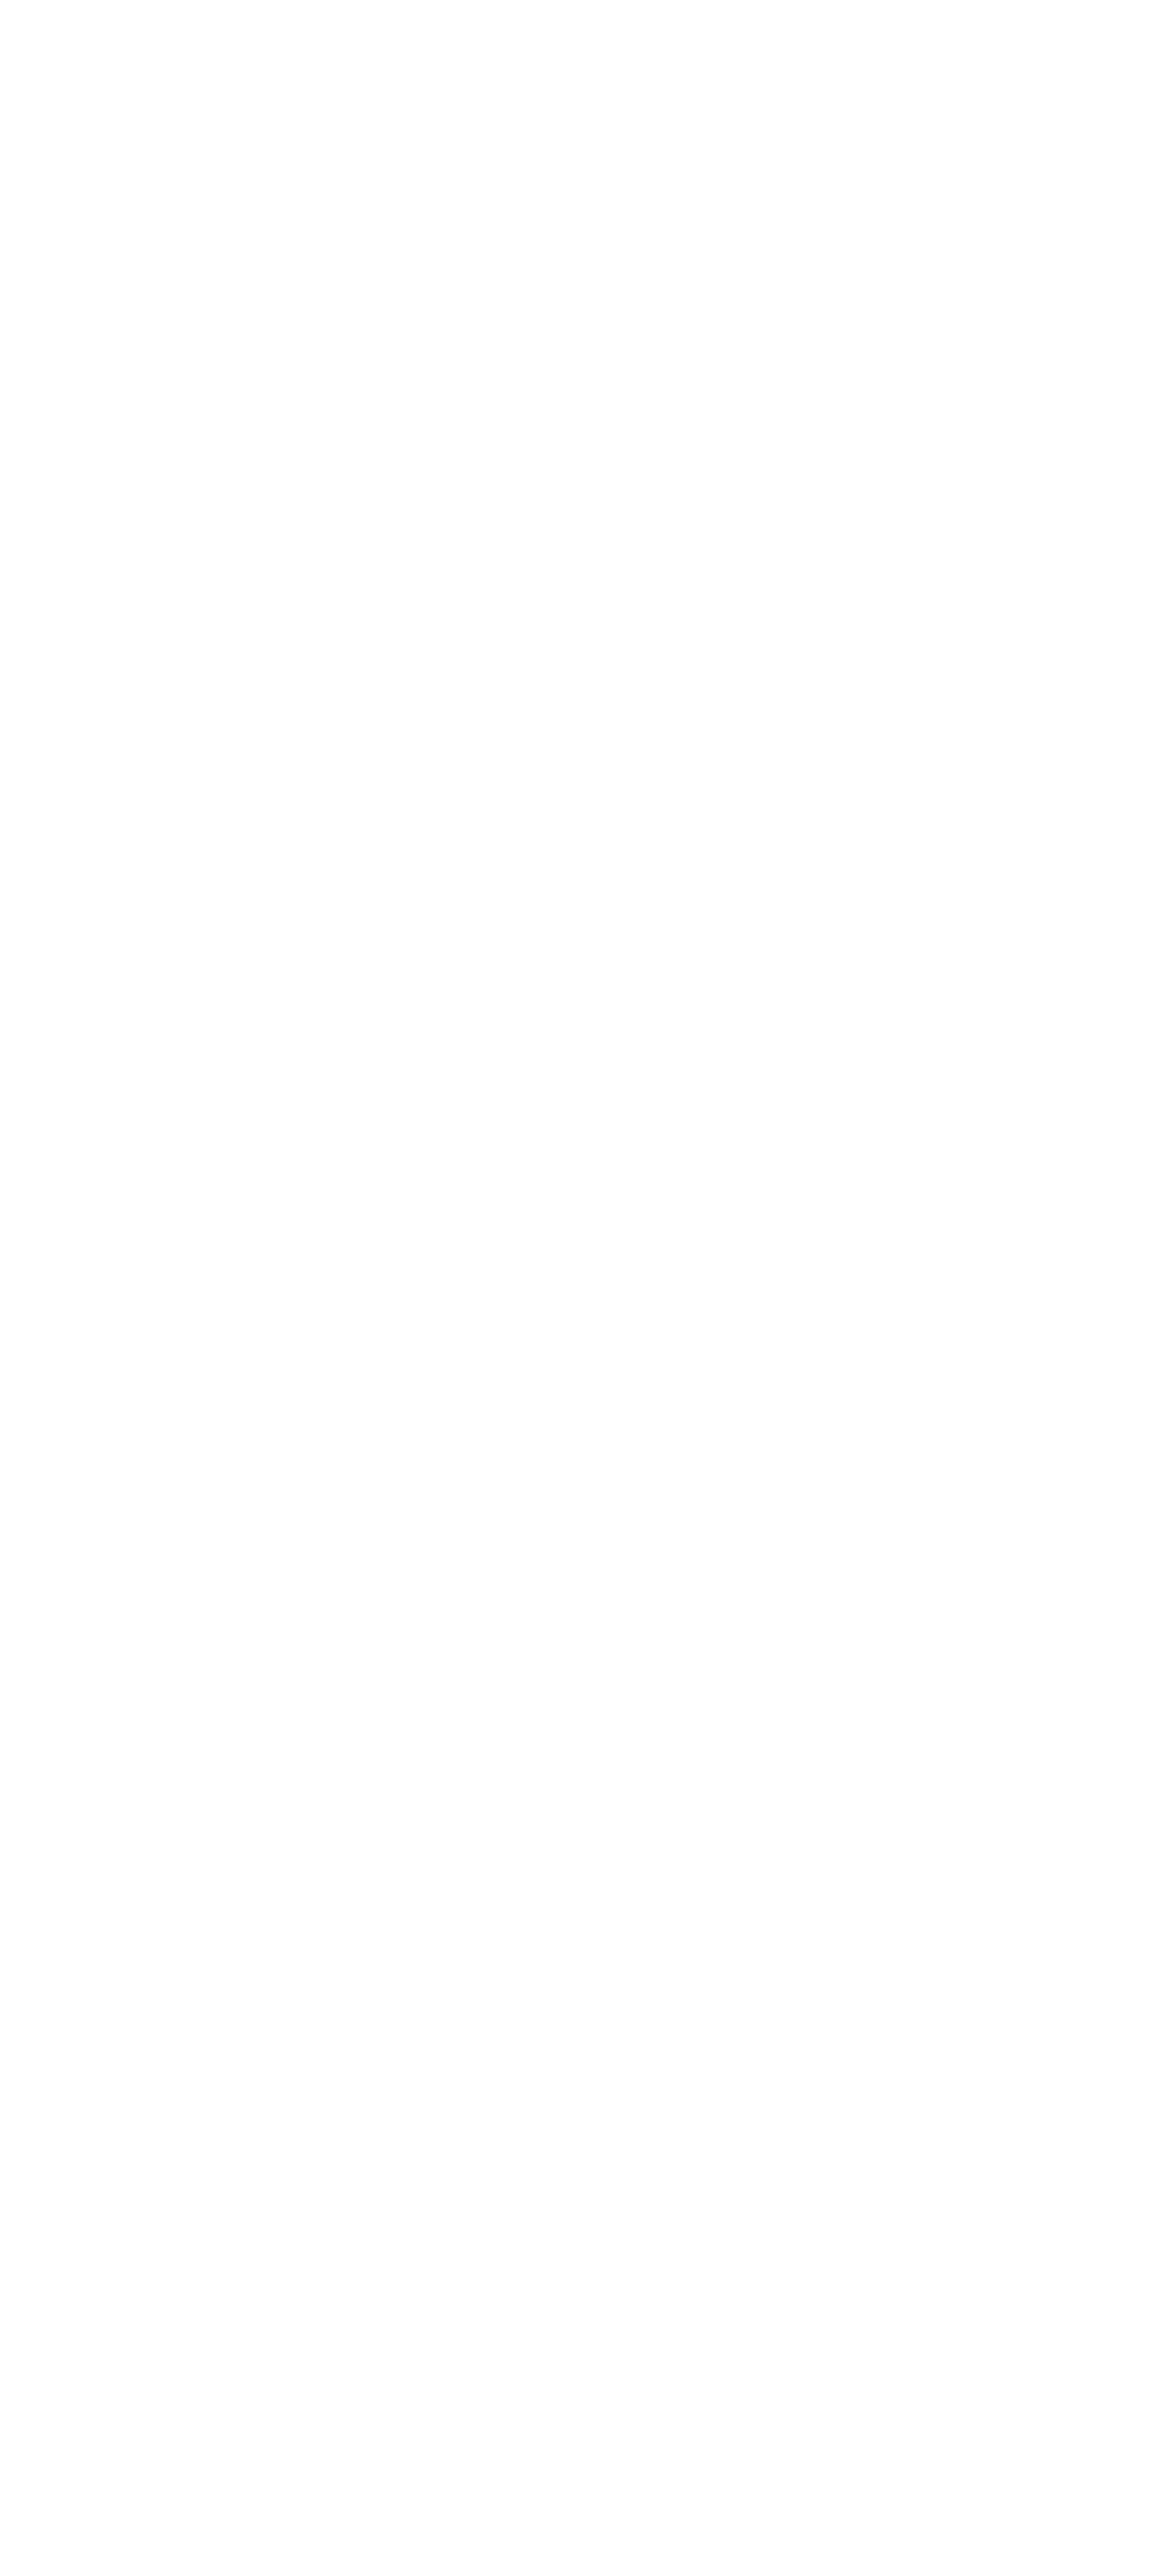 FW GUNDAM CONVERGE ヘビーガン&ラフレシアオプションパーツセット【プレミアムバンダイ限定】